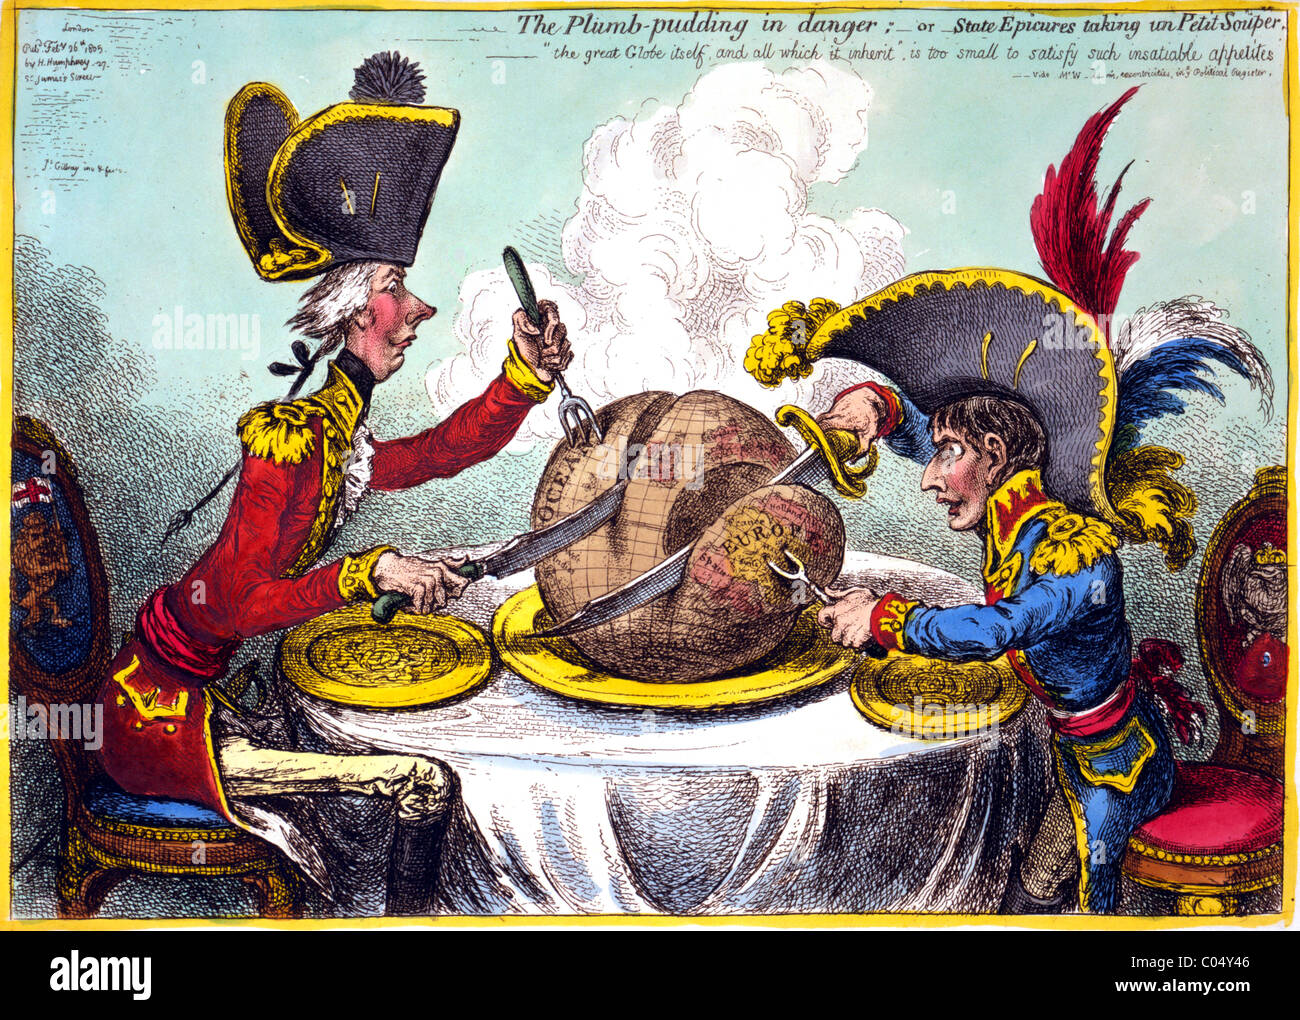 William Pitt et Napoléon représenté dans une caricature satirique. Photo Stock